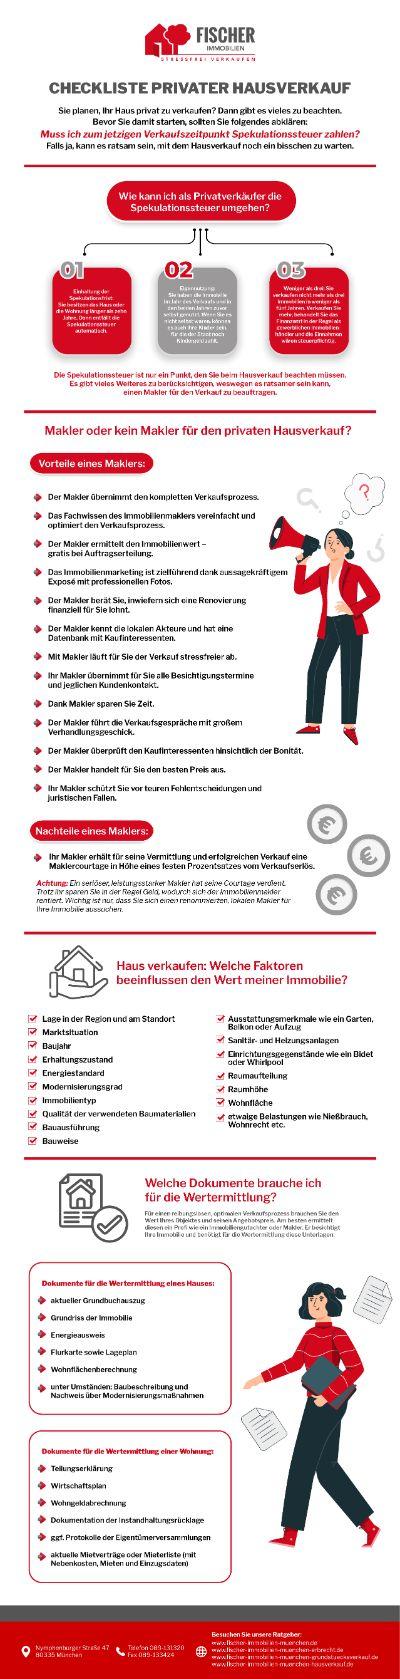 Ratgeber Hausverkauf Infografik - Privat Das Haus Verkaufen: Worauf Achten Und Was Bedenken?